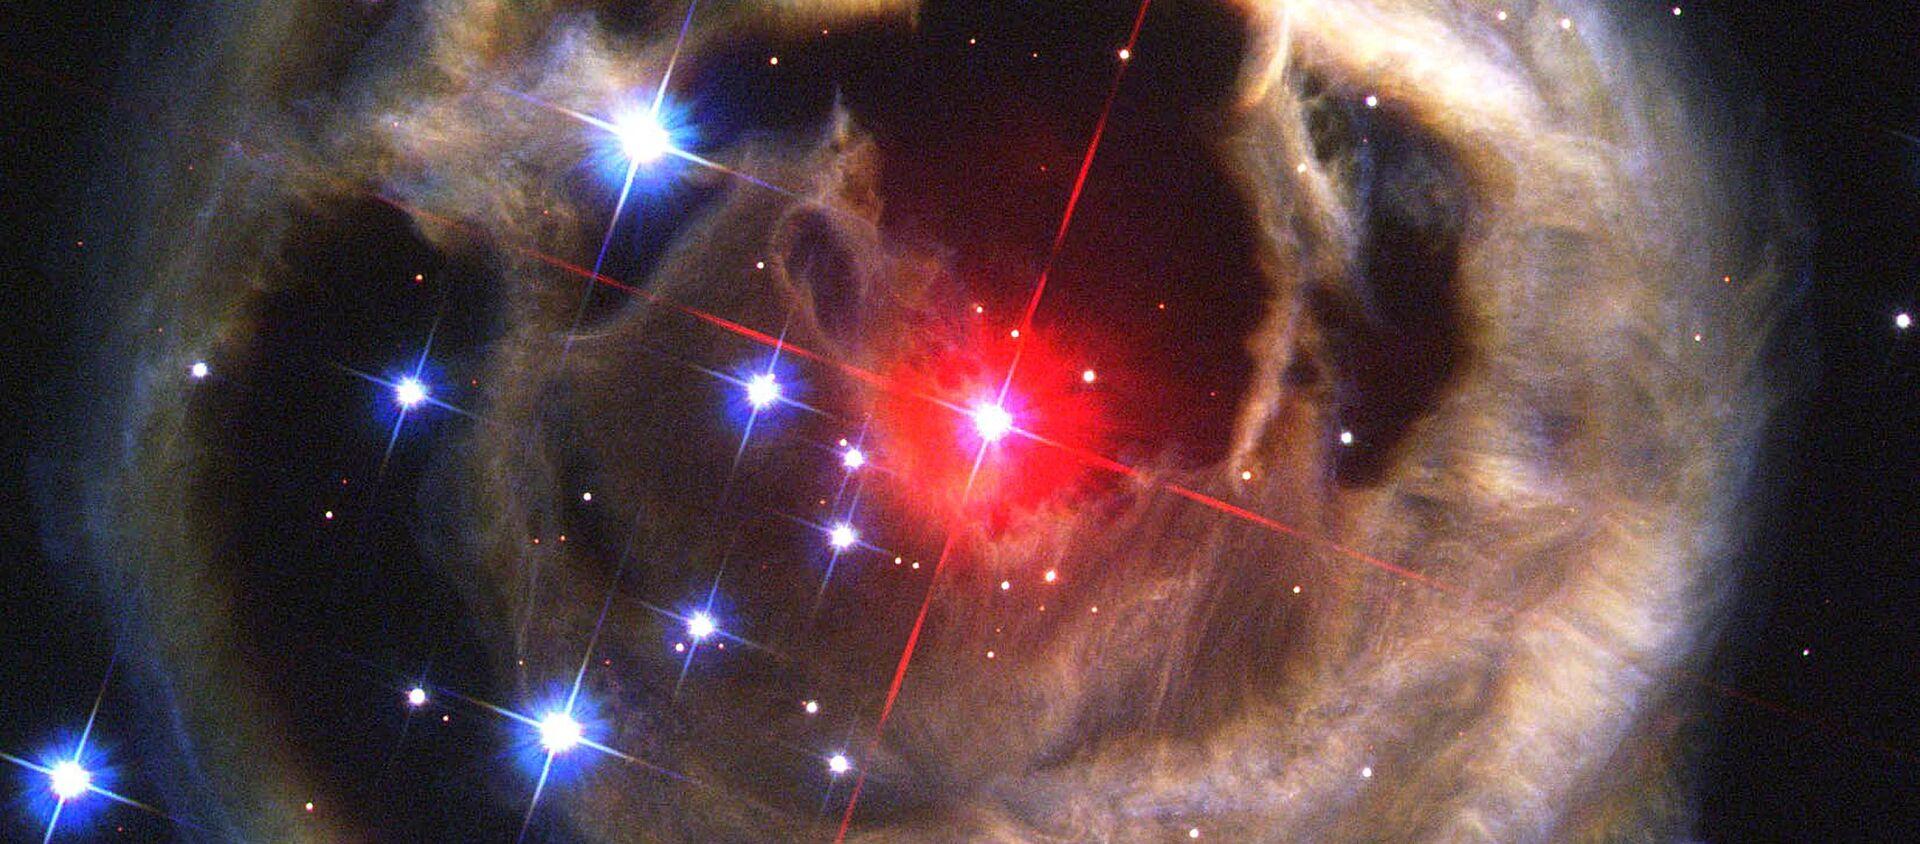 აფეთქებული ვარსკვლავი კოსმოსში - Sputnik საქართველო, 1920, 24.07.2018